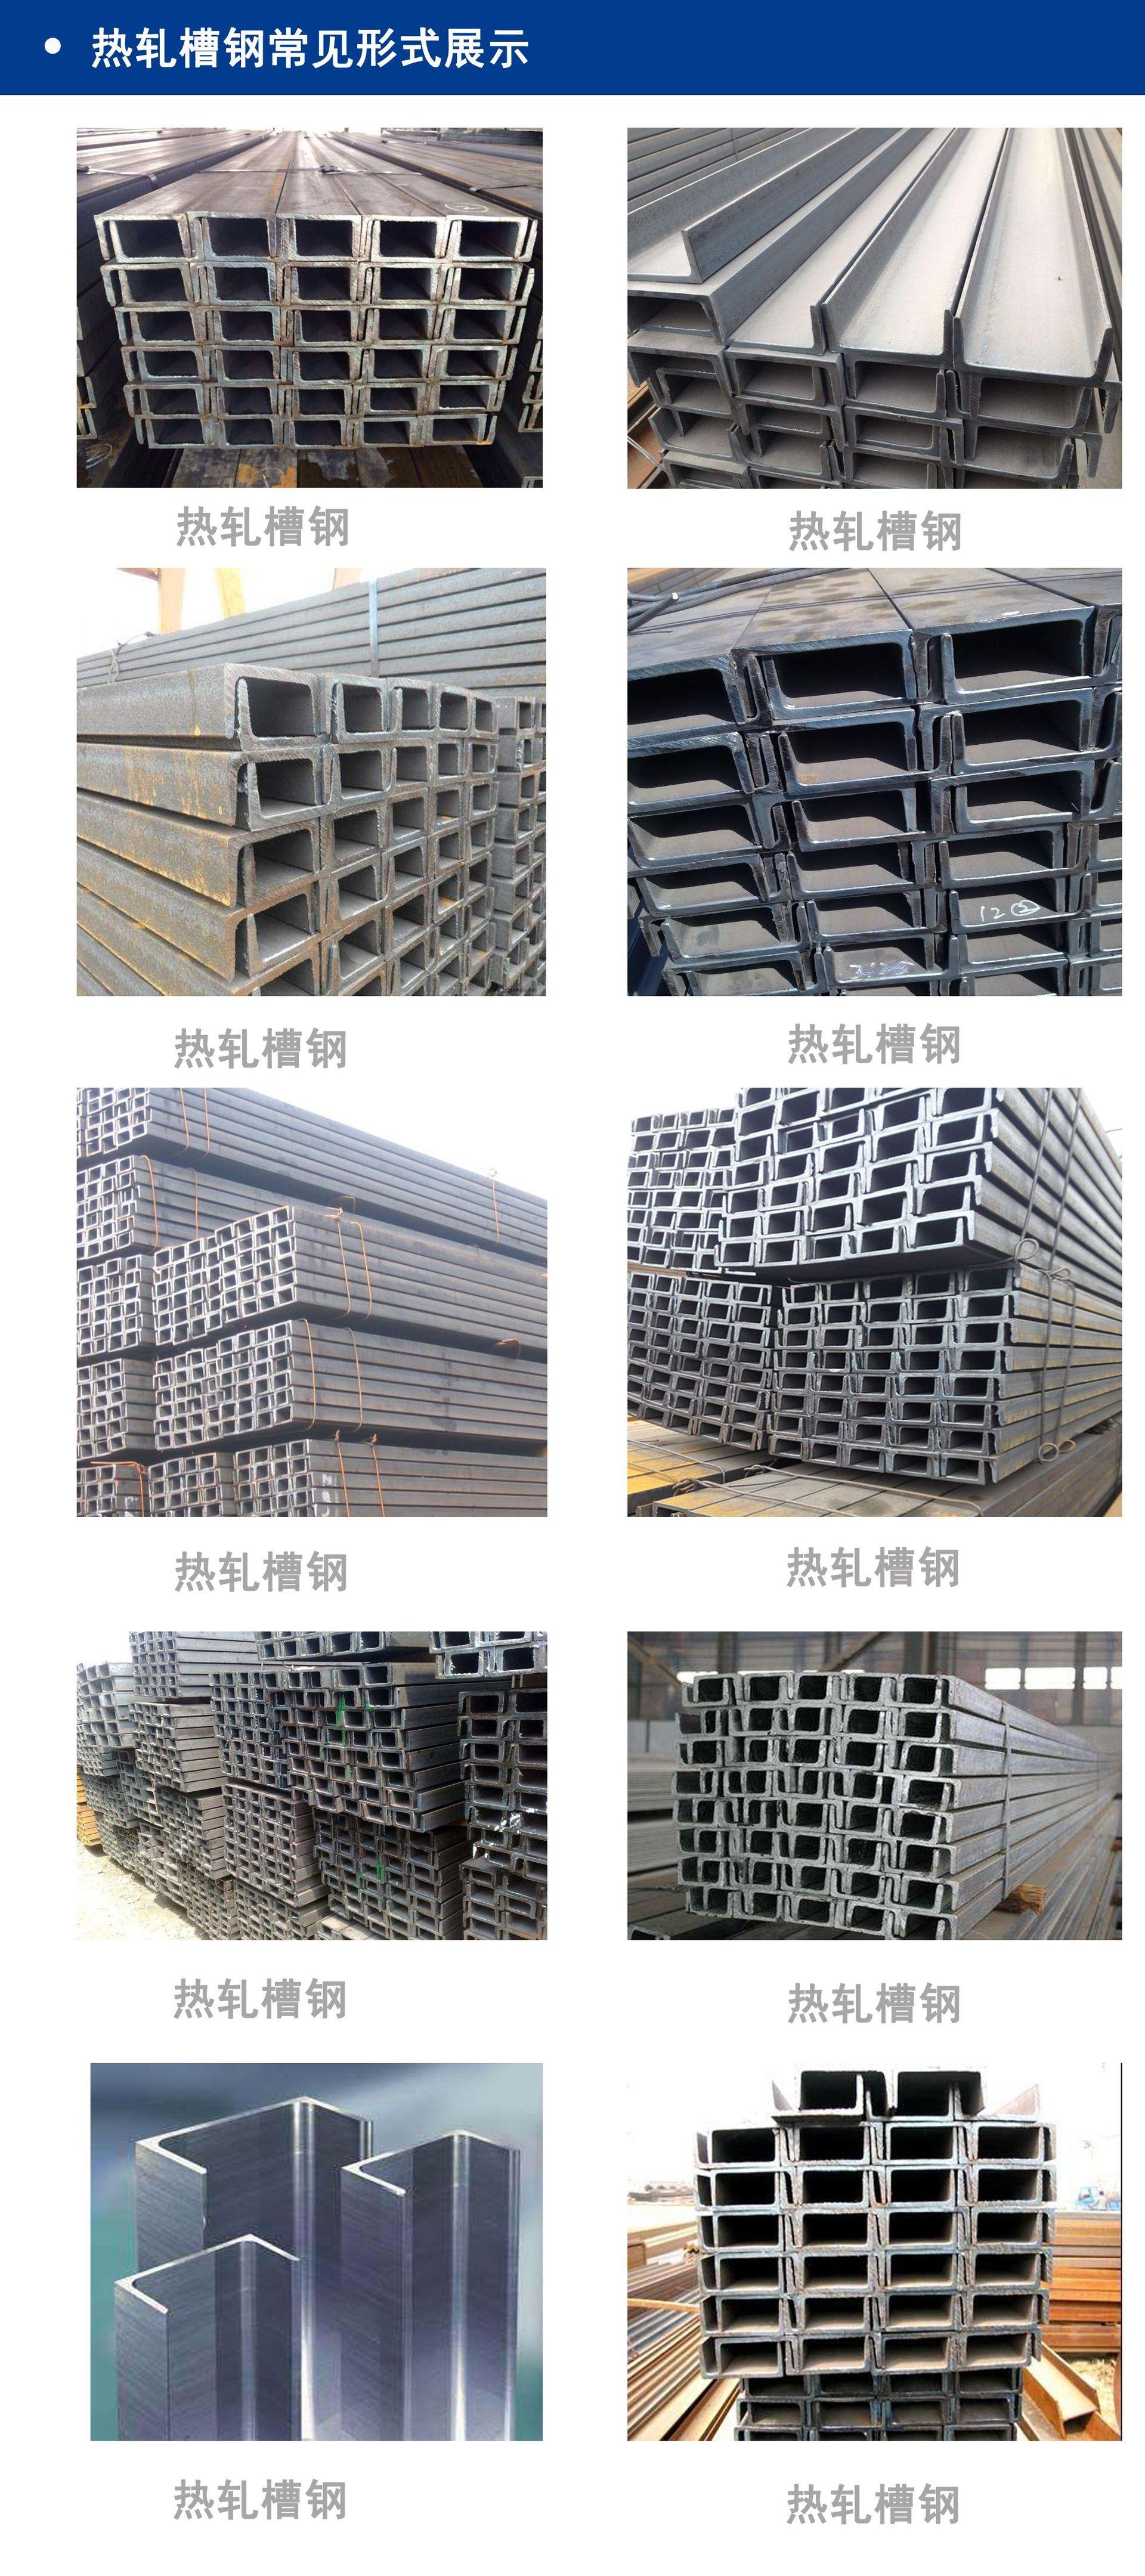 Các nhà sản xuất thép khía rãnh sắt tráng kẽm Q235b 6-12 Mike gia công cắt thép góc thép khía bán bu